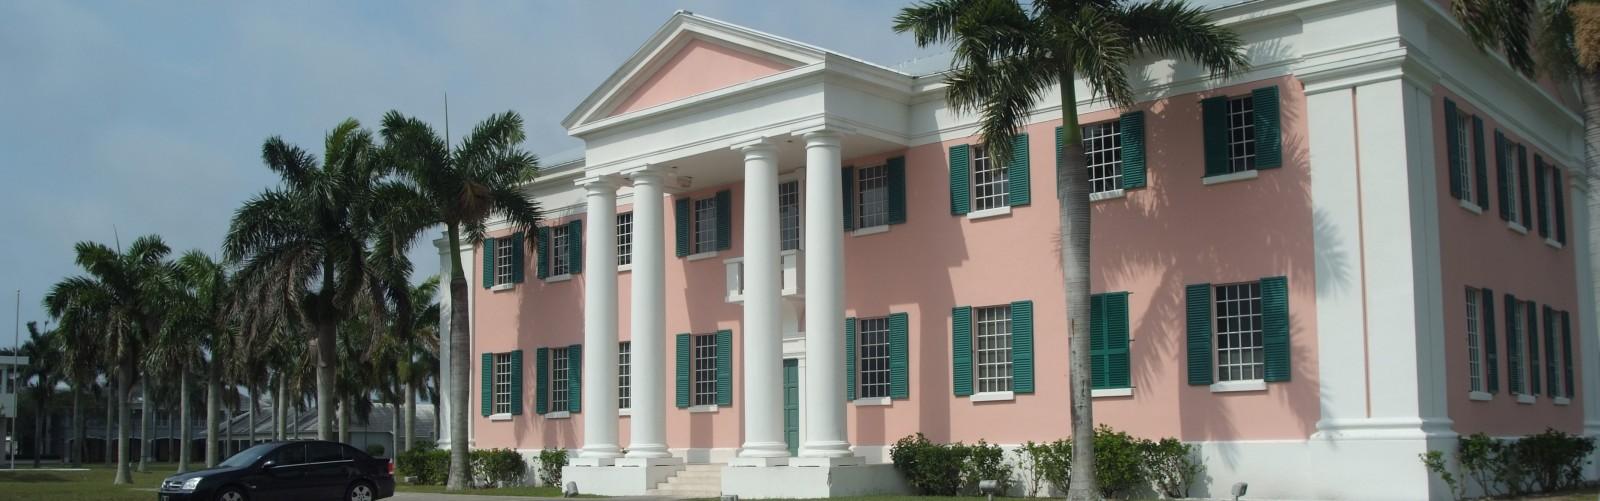 Bahamas History